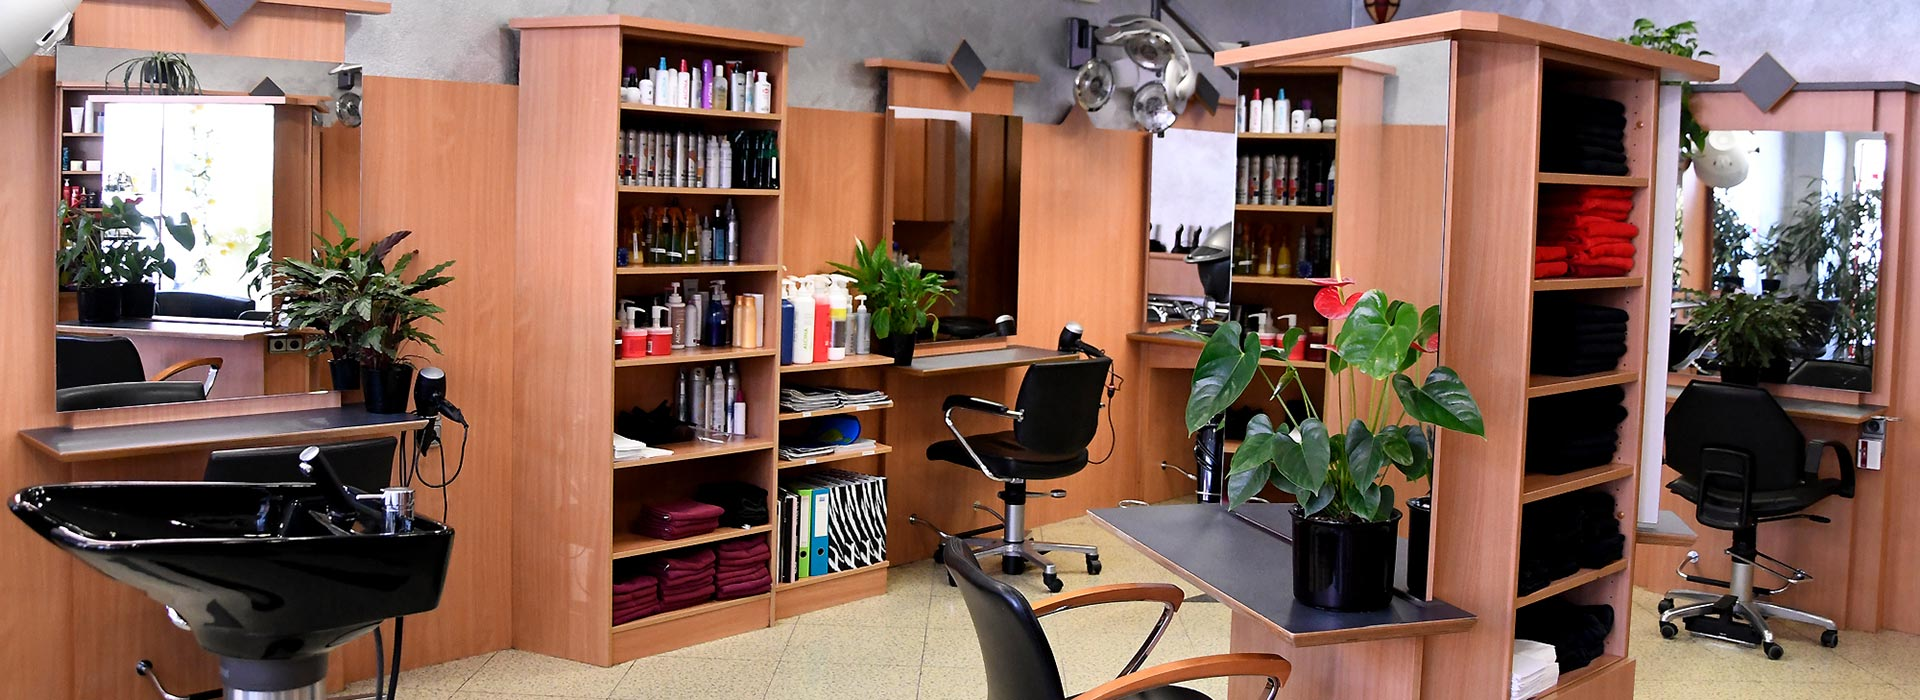 Friseur Salon Ammon in Gersthofen